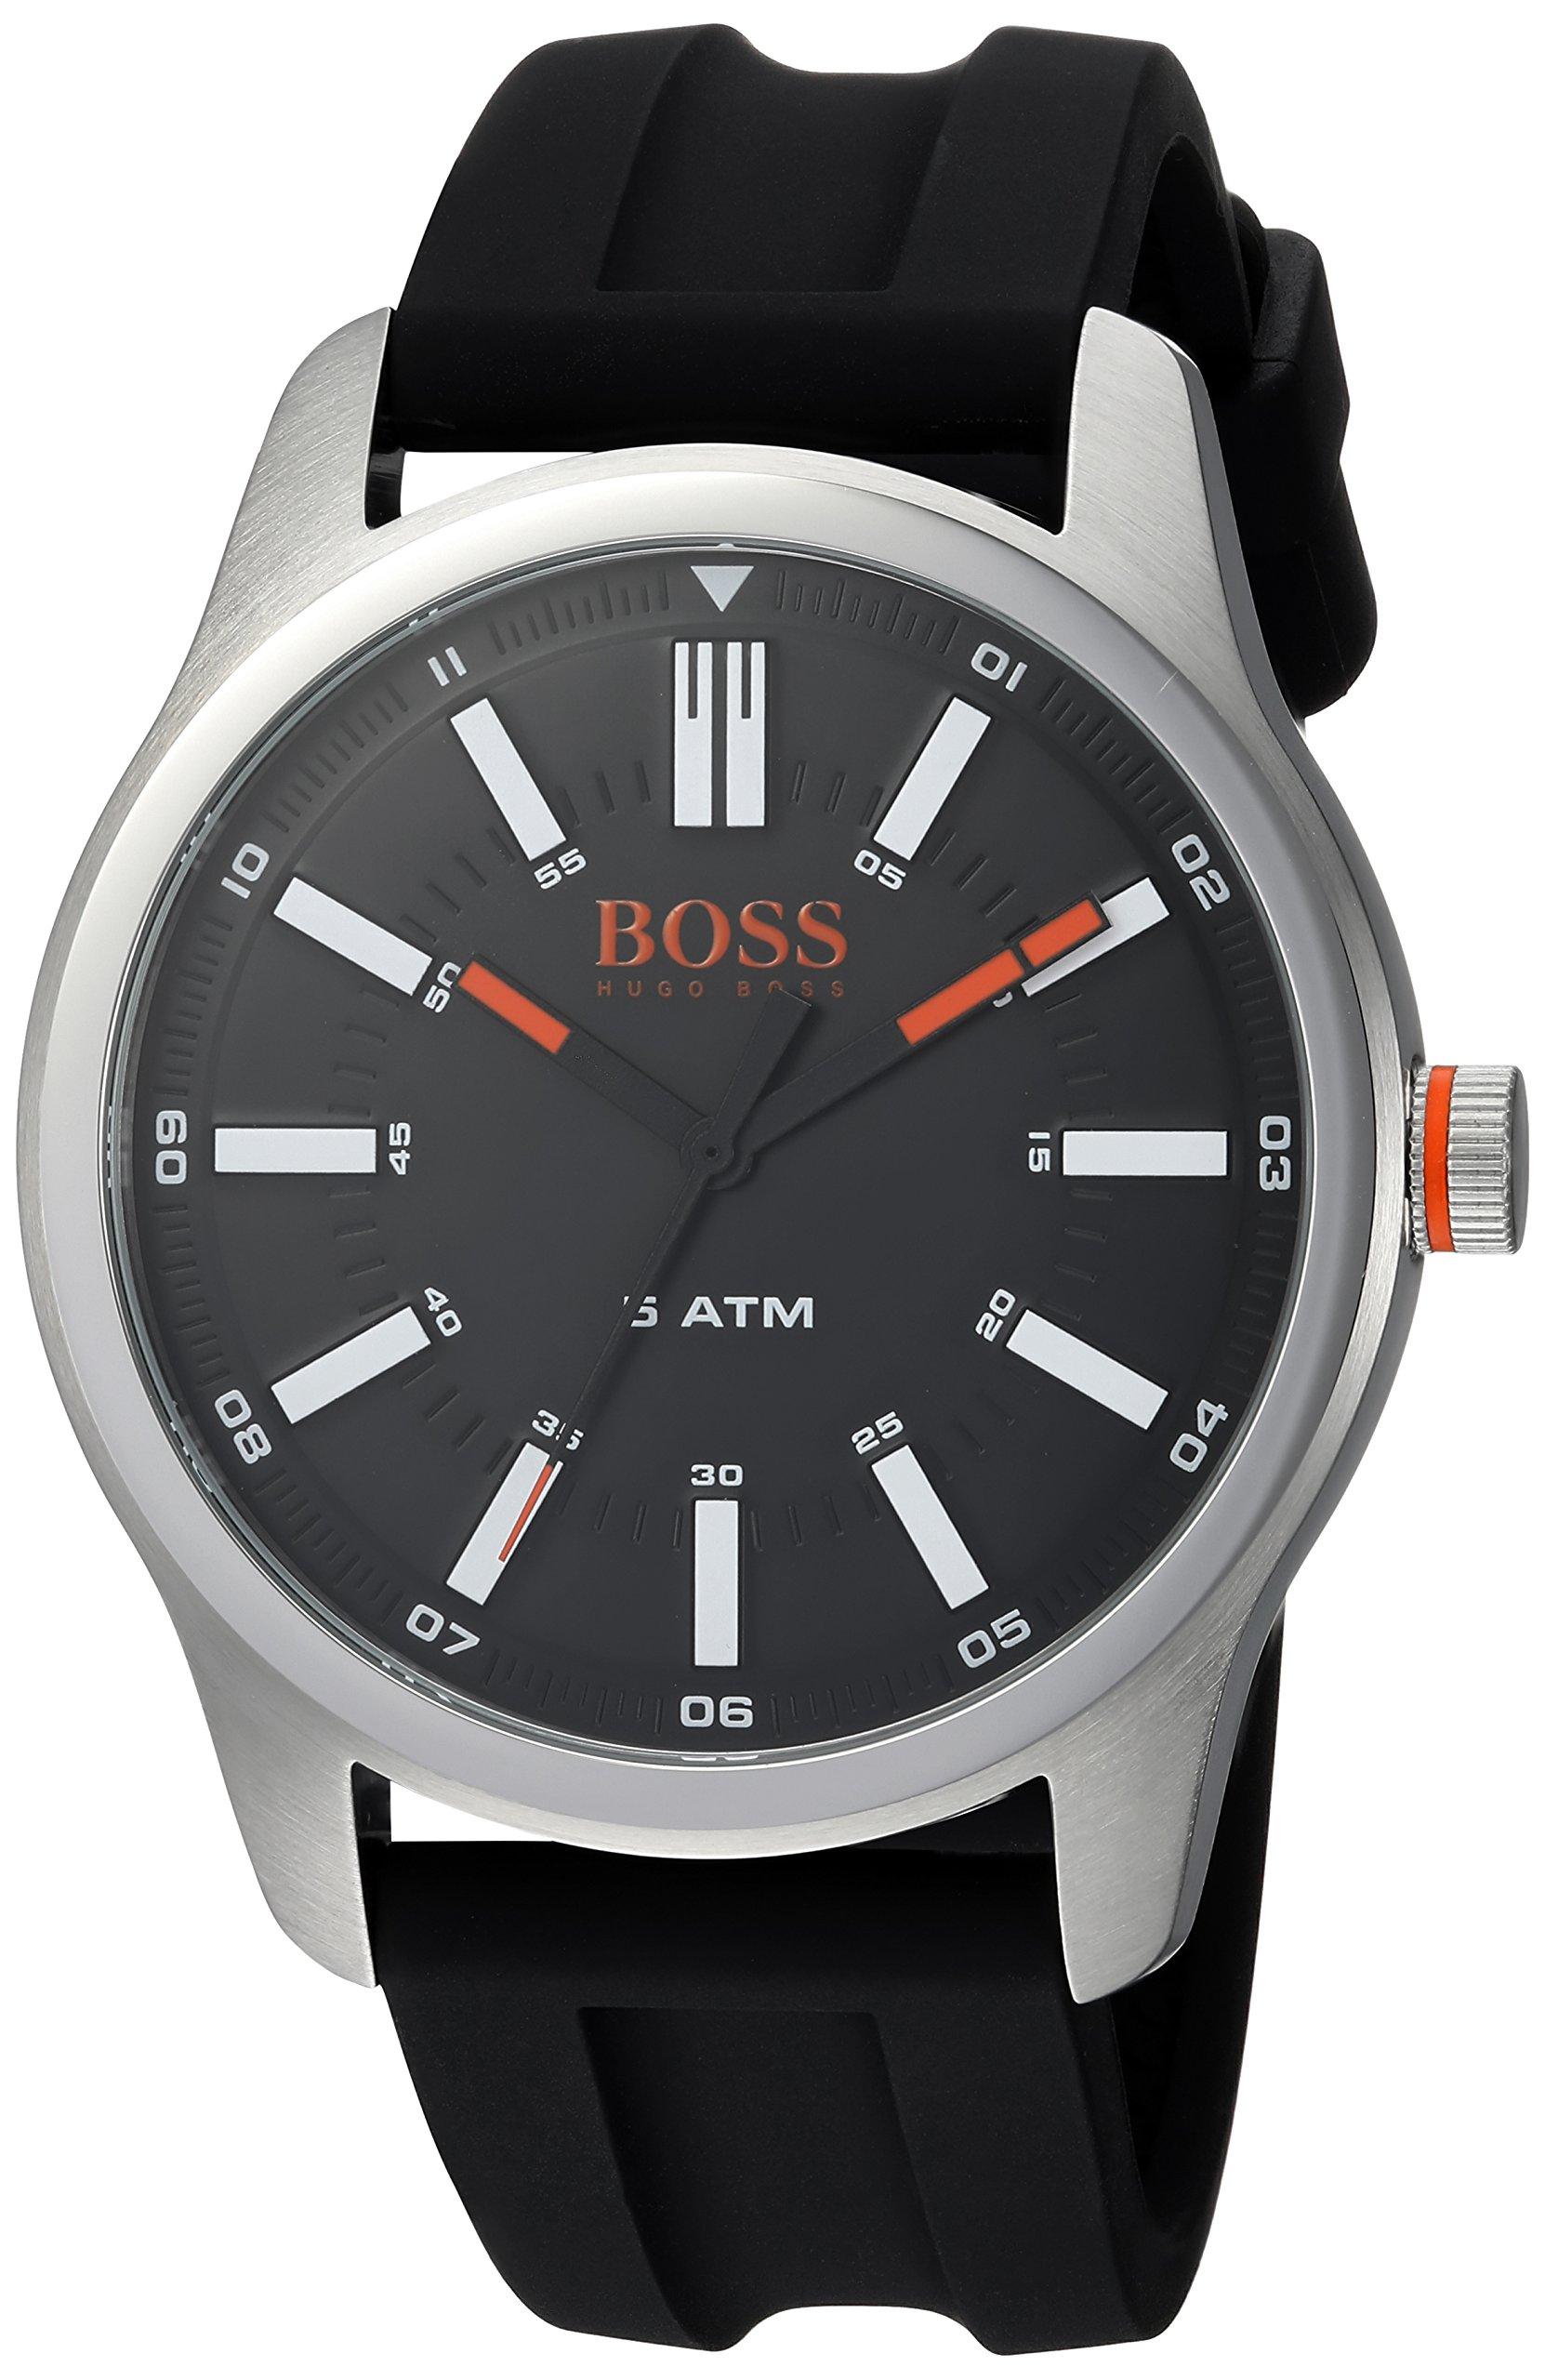 HUGO BOSS Men's Dublin Stainless Steel Quartz Watch with Rubber Strap, Black, 22 (Model: 1550042)